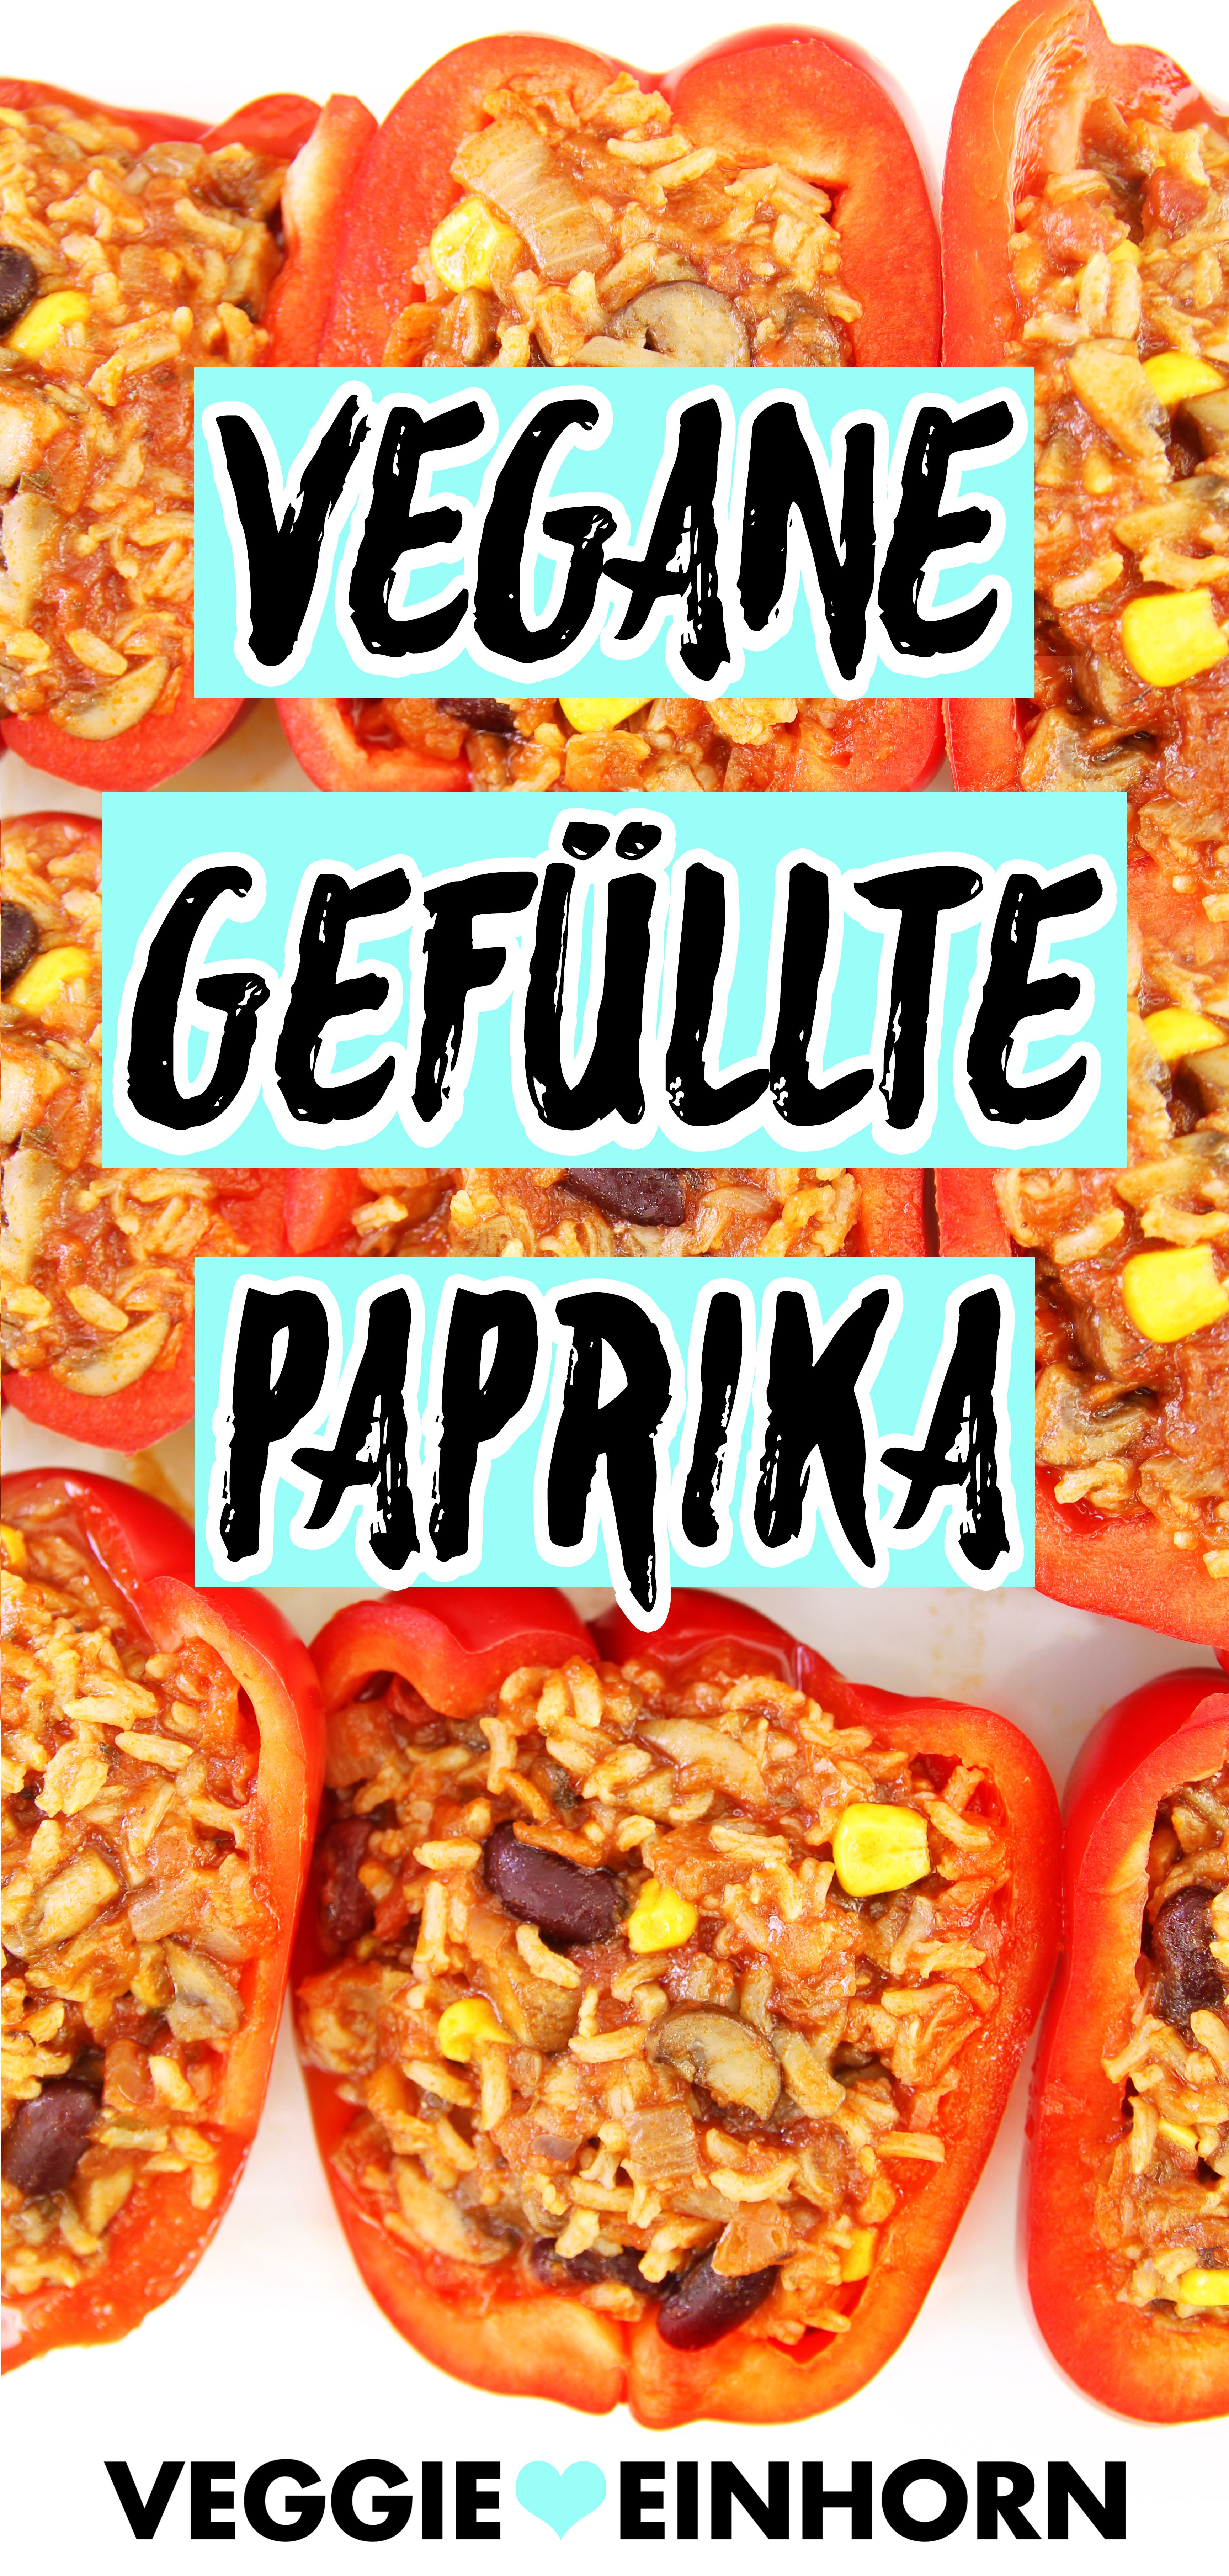 Vegane gefüllte Paprika {Mit Reis, Mais, Bohnen und Champignons} Einfach und gesund